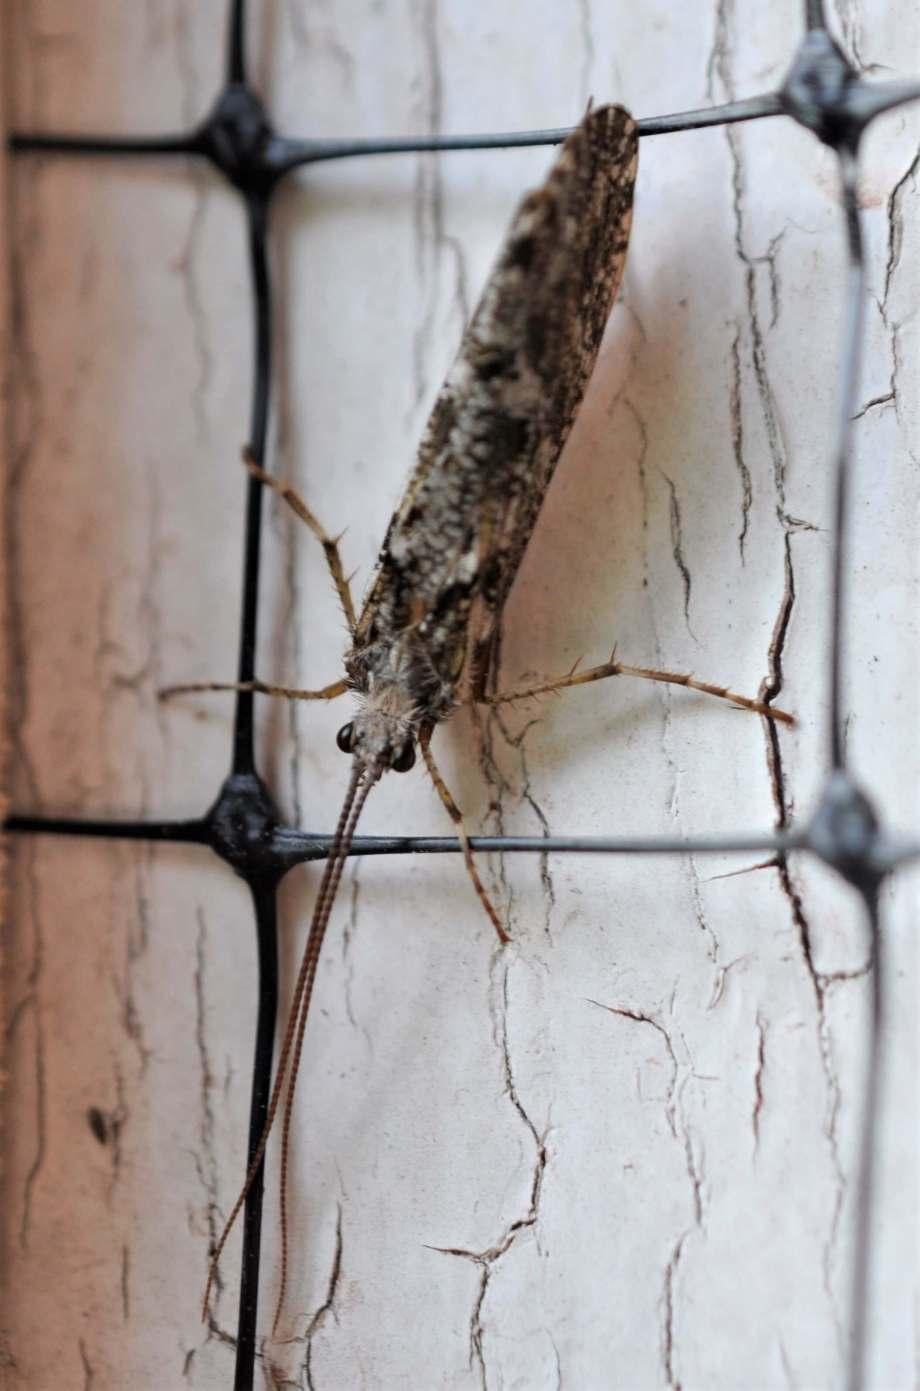 en nattslända sitter på väggen. den har brunbrokiga vingar, svarta små pepparkornsögon och väldigt långa antenner som pekar rakt fram.